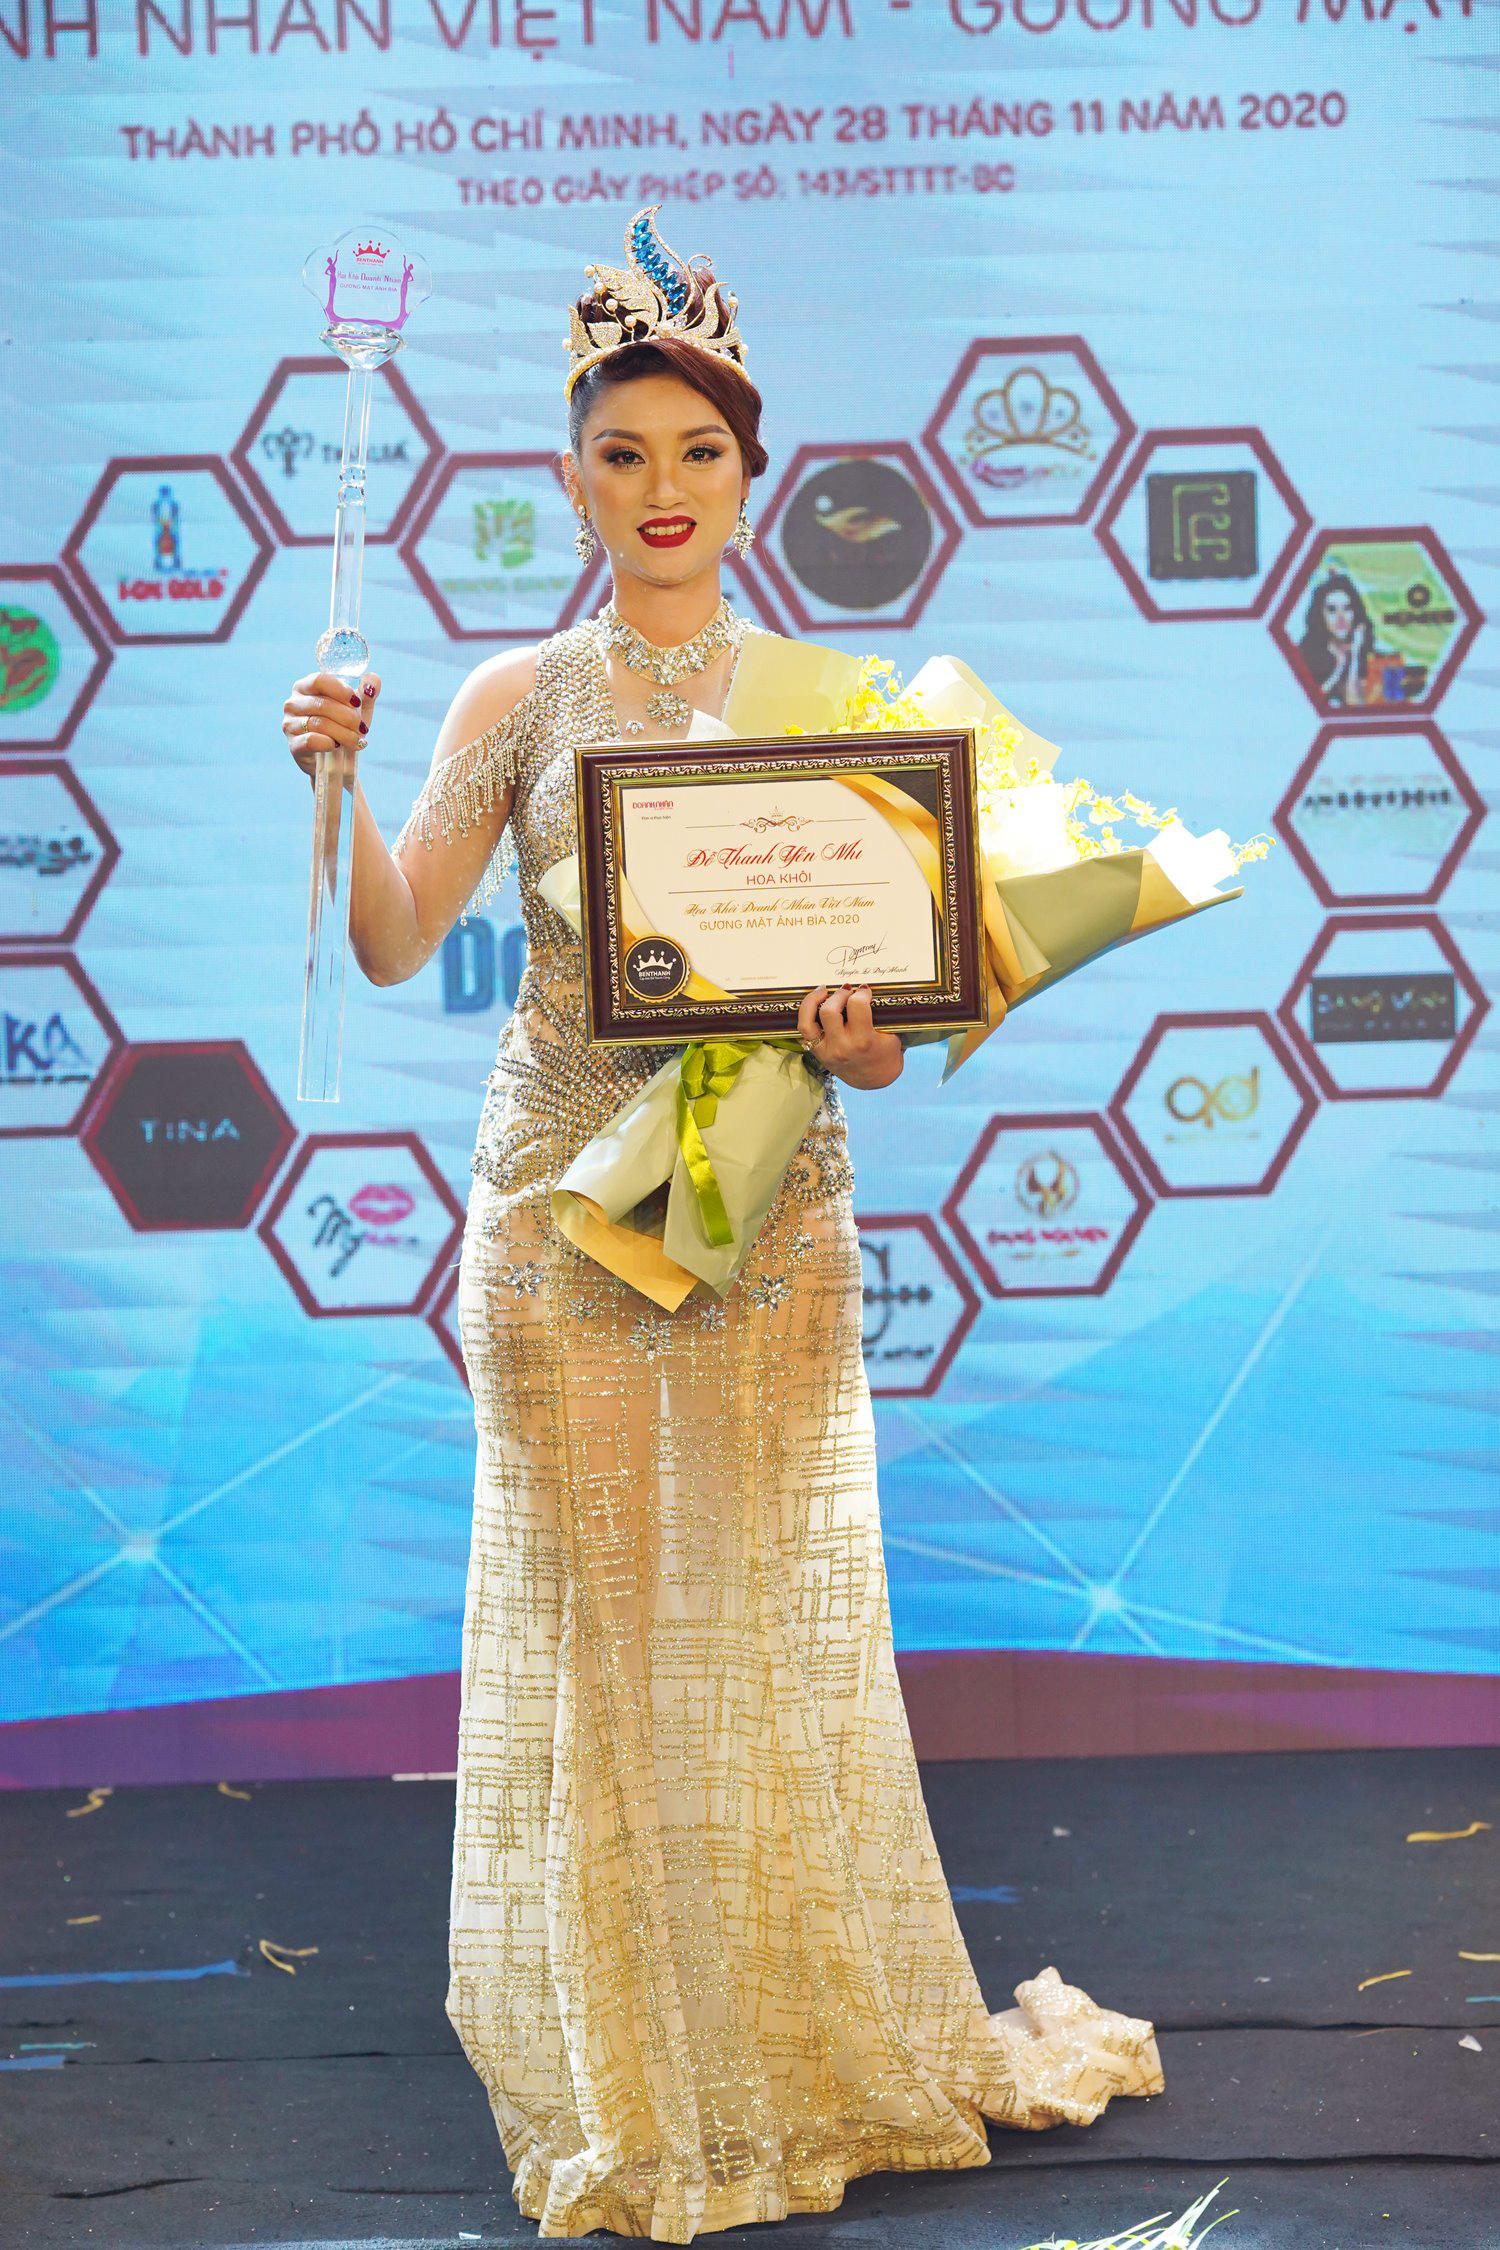 Đỗ Thanh Yến Nhi đăng quang Hoa khôi Doanh nhân Việt Nam – Gương mặt ảnh bìa 2020 - Ảnh 3.